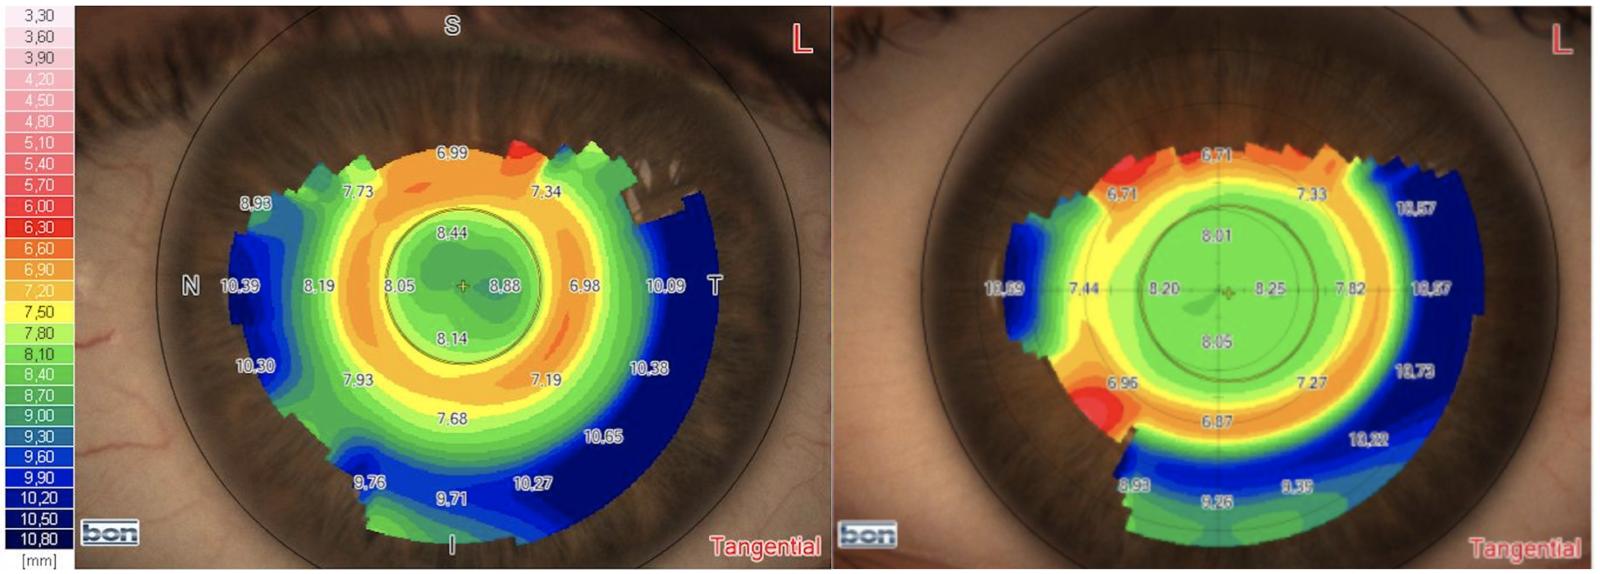 Das Bild zeigt linnks und rechts eine Hornhauttopographie nach einer Anpassung einer Nachtlinse. Die Ergebnisse unterscheiden sich sichtbar.